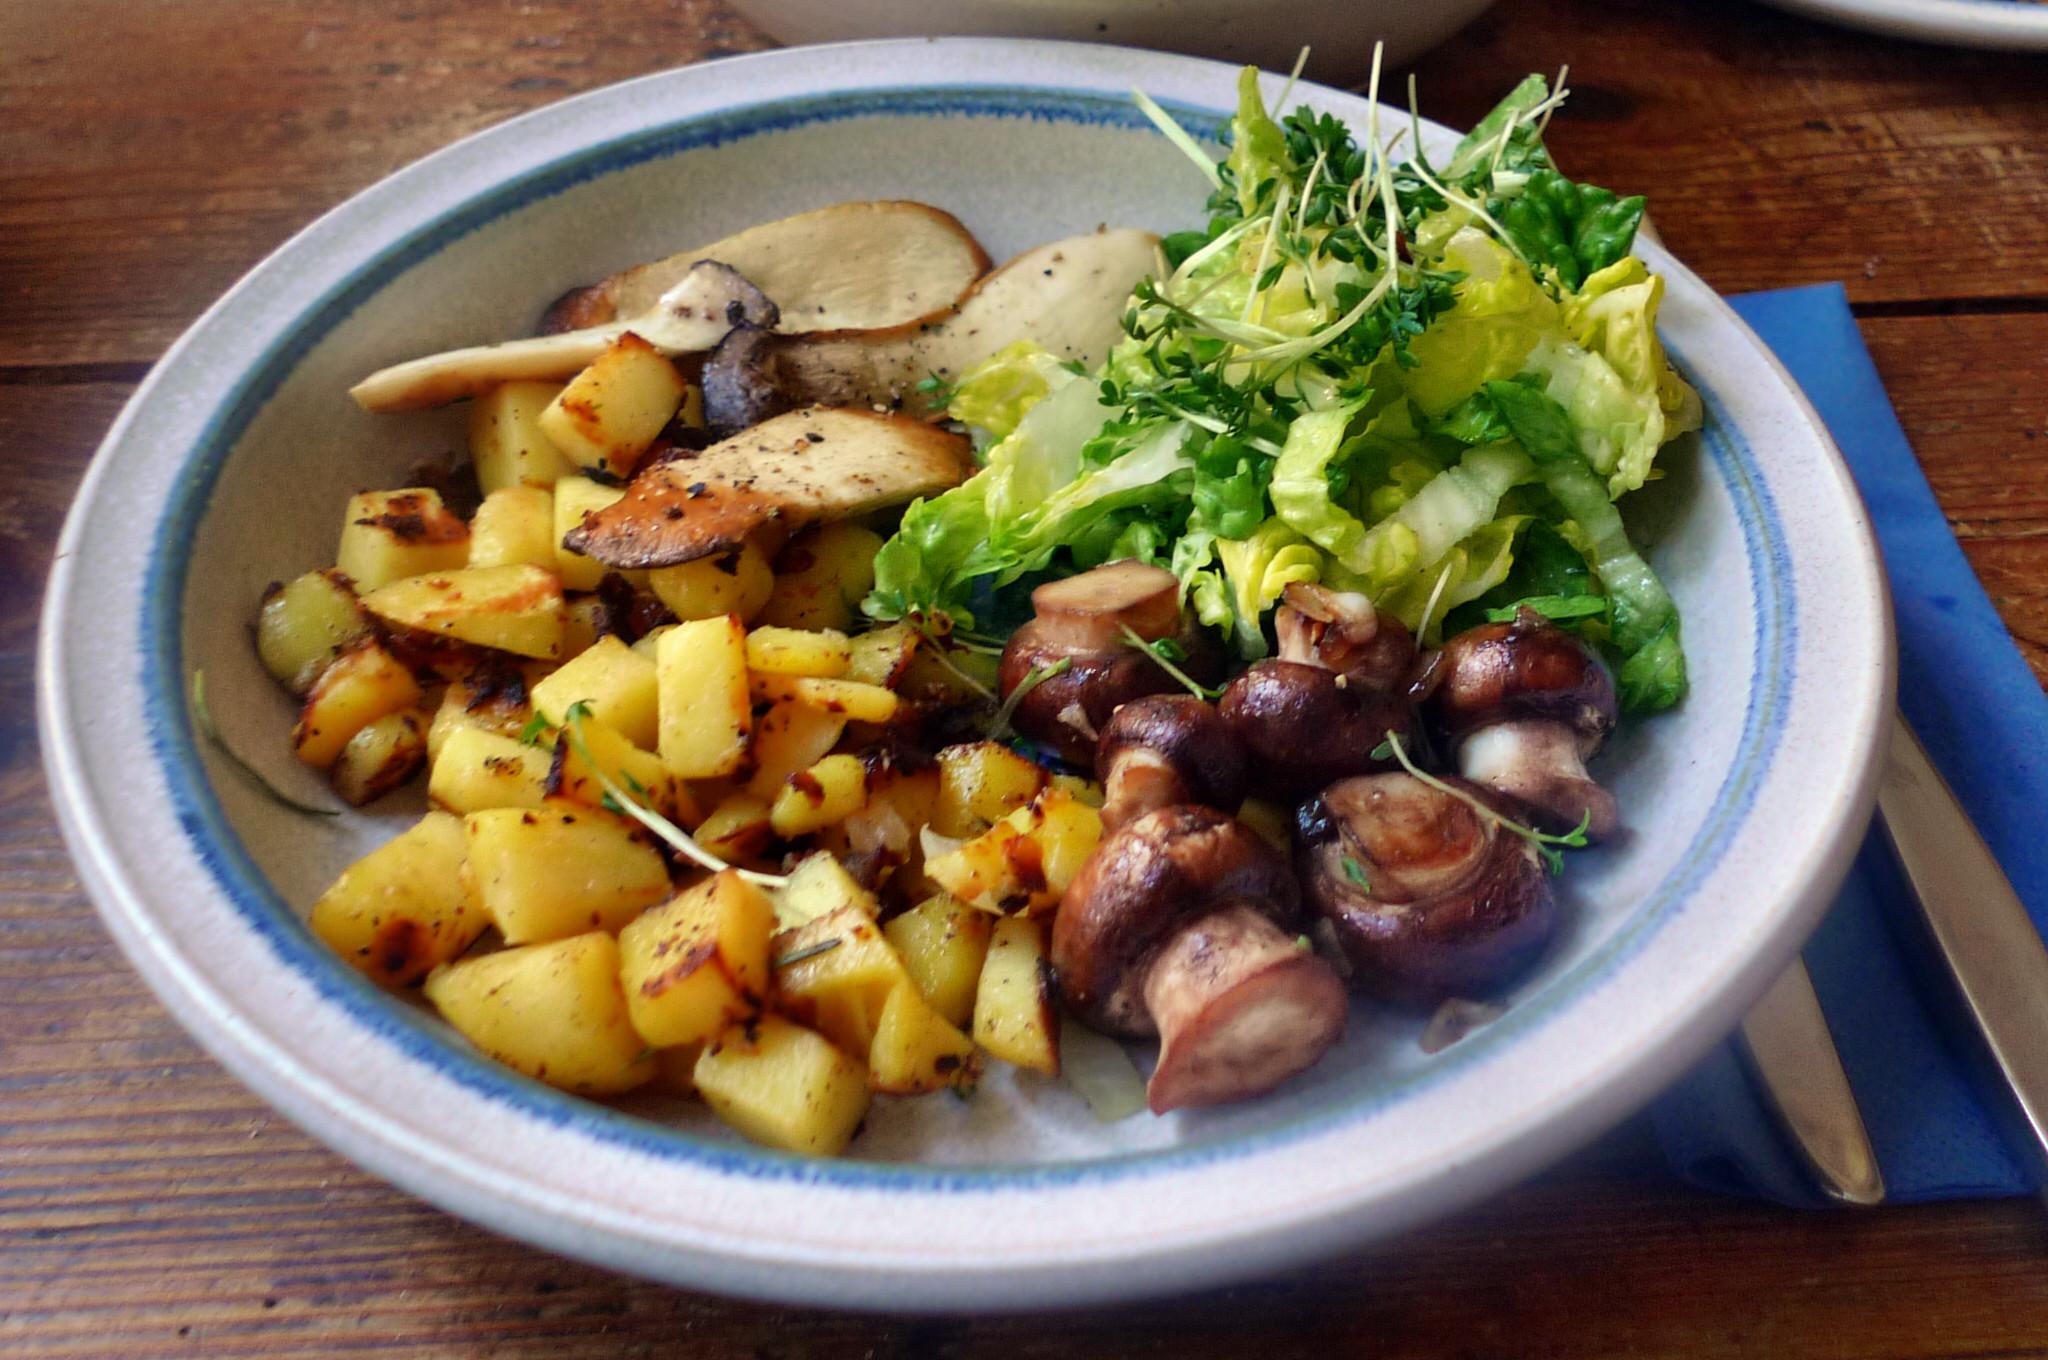 Roh gebratene Kartoffeln,Kräutersaitlinge,Champignon,Römersalat - 26.2.15   (14)